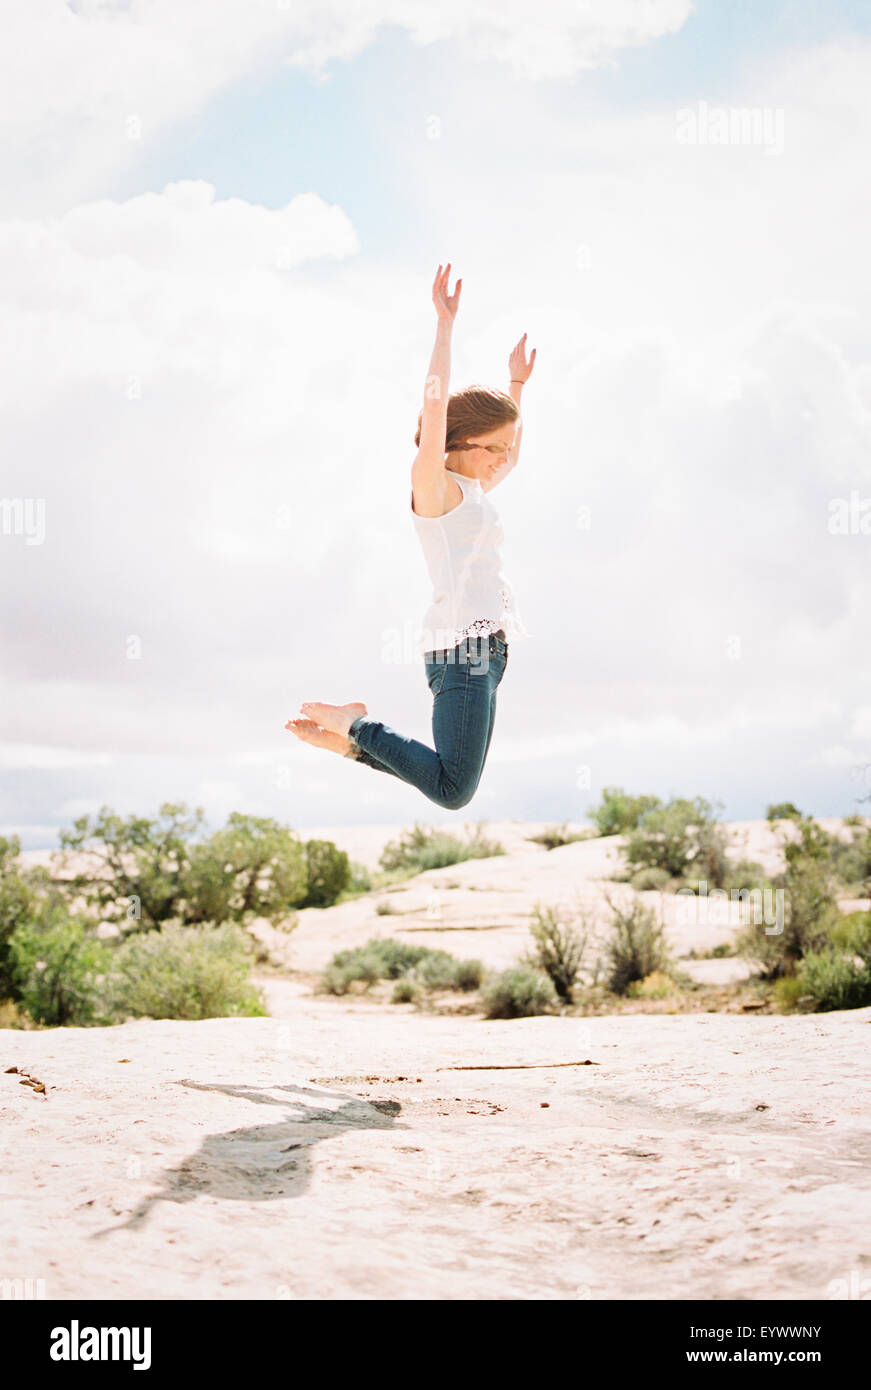 A piedi nudi donna il salto in aria Immagini Stock